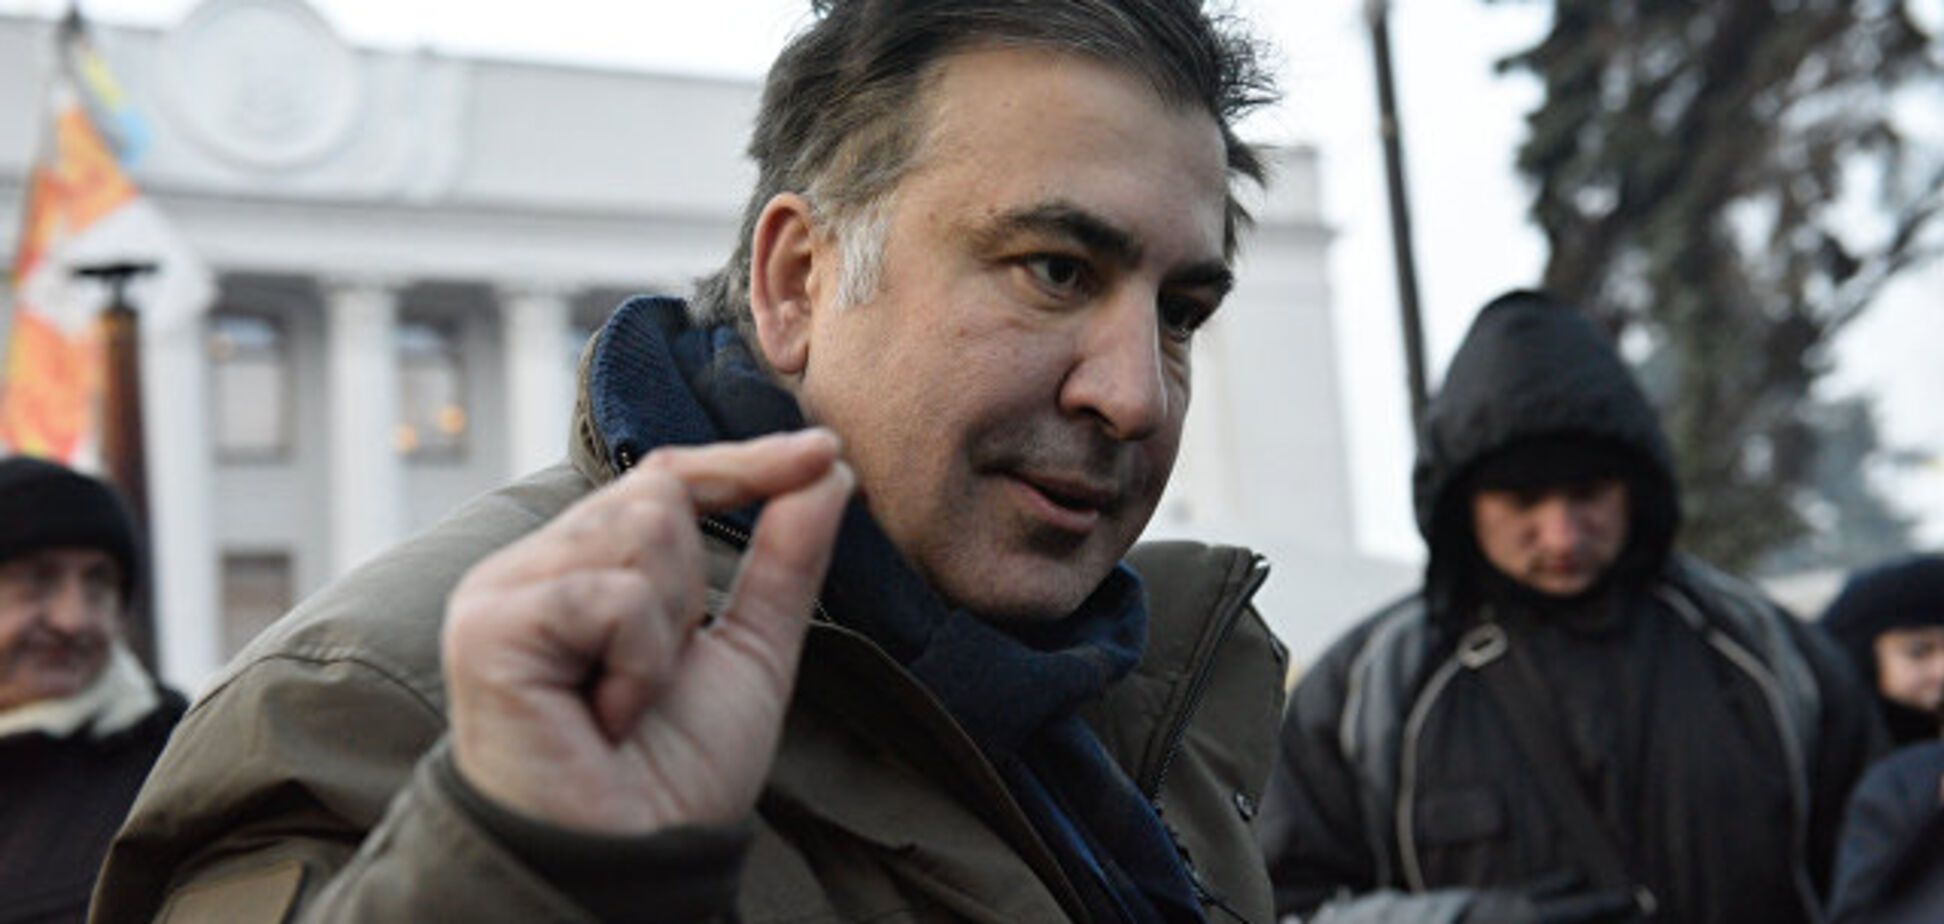 'В Польшу подшофе': в сети показали чек Саакашвили из ресторана